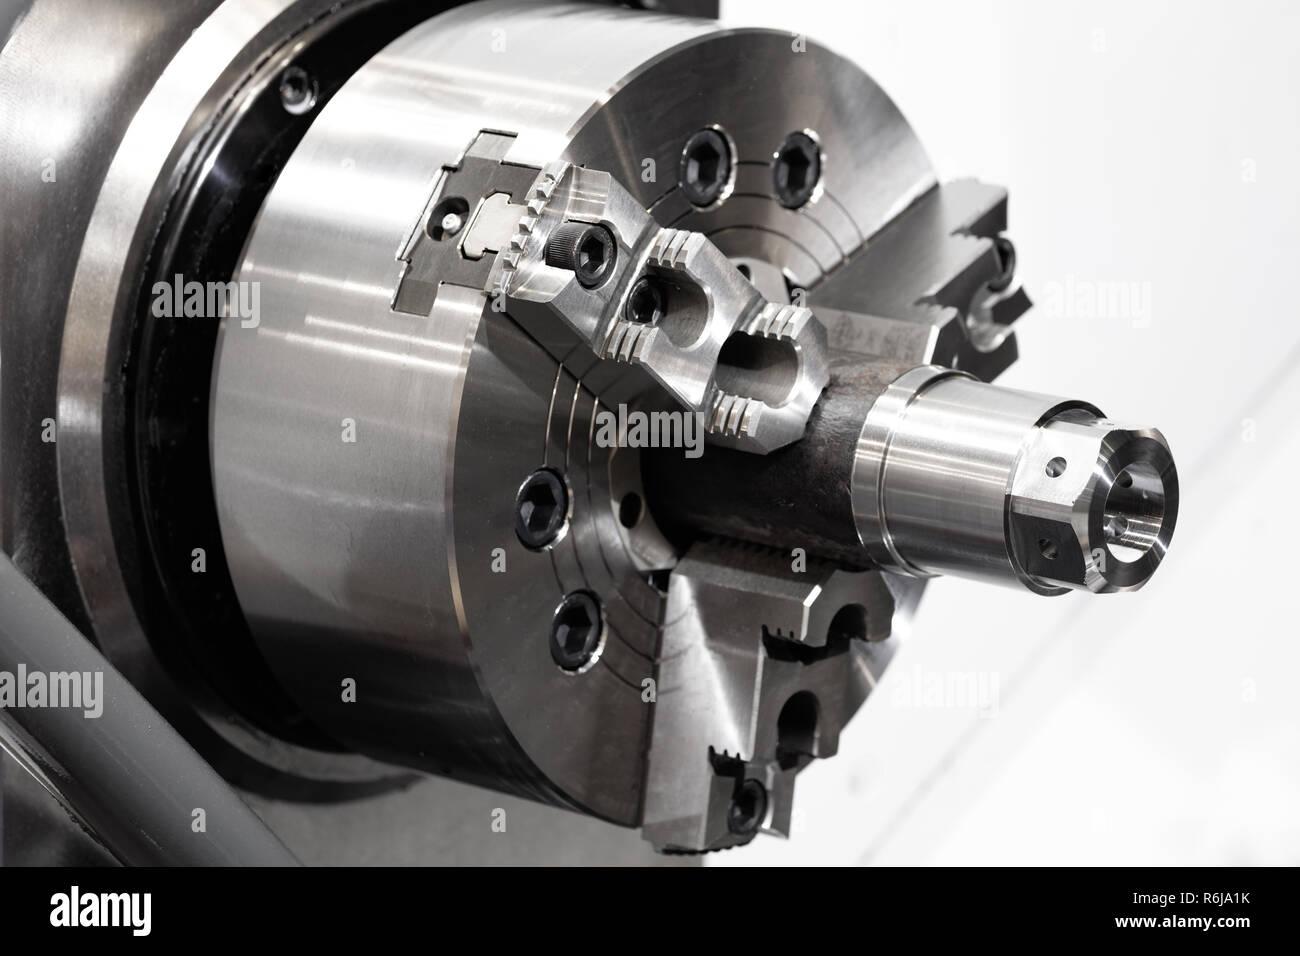 Cnc Drehmaschine Maschinen Oder Drehmaschine Mit Drehender